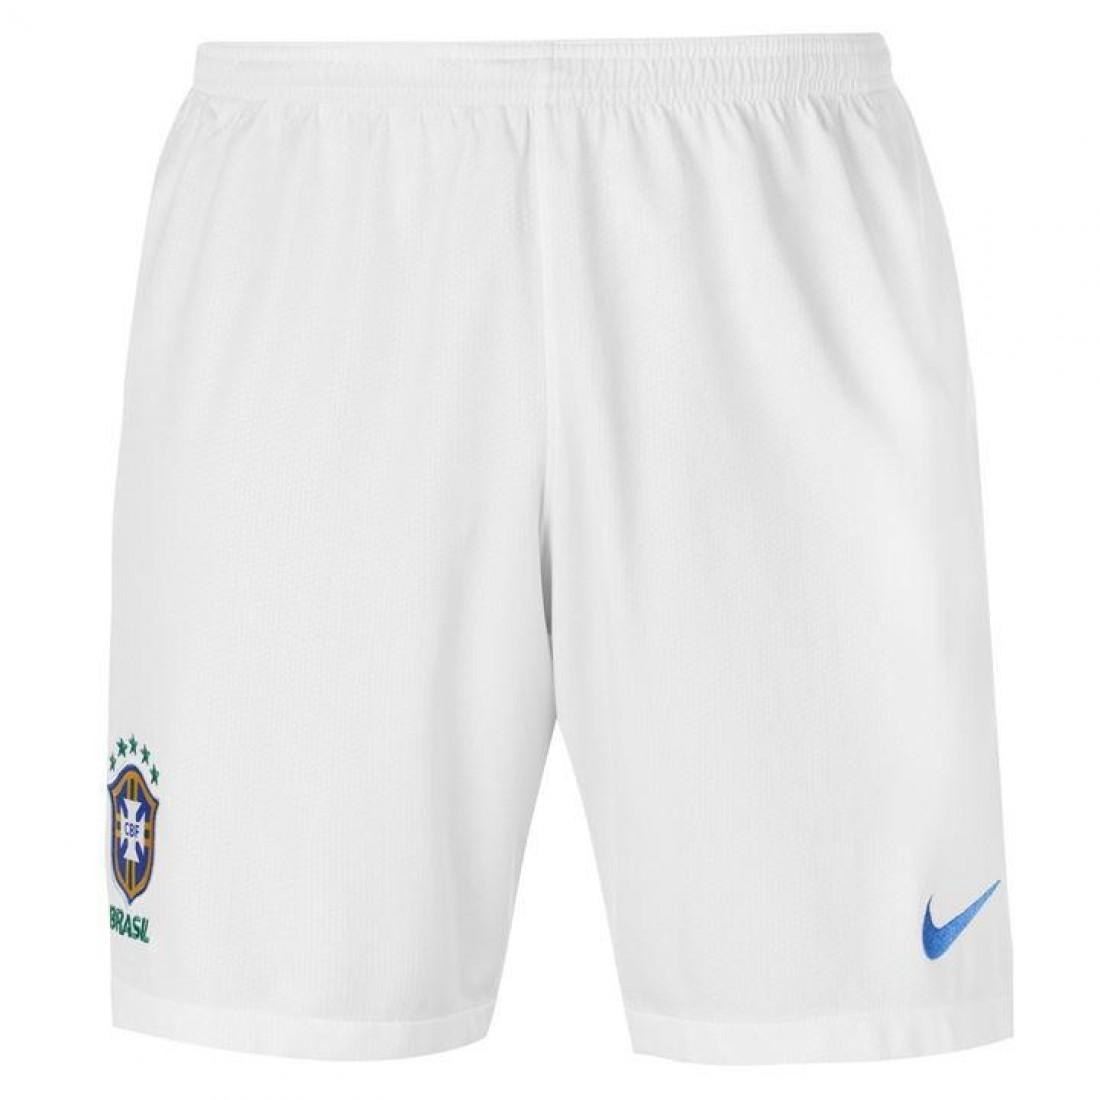 be209090b9a Nike Brazil мъжки футболни шорти на Бразилия Найк гостуващи Away Shorts  2018 оригинални гащета за Световното първенство по футбол